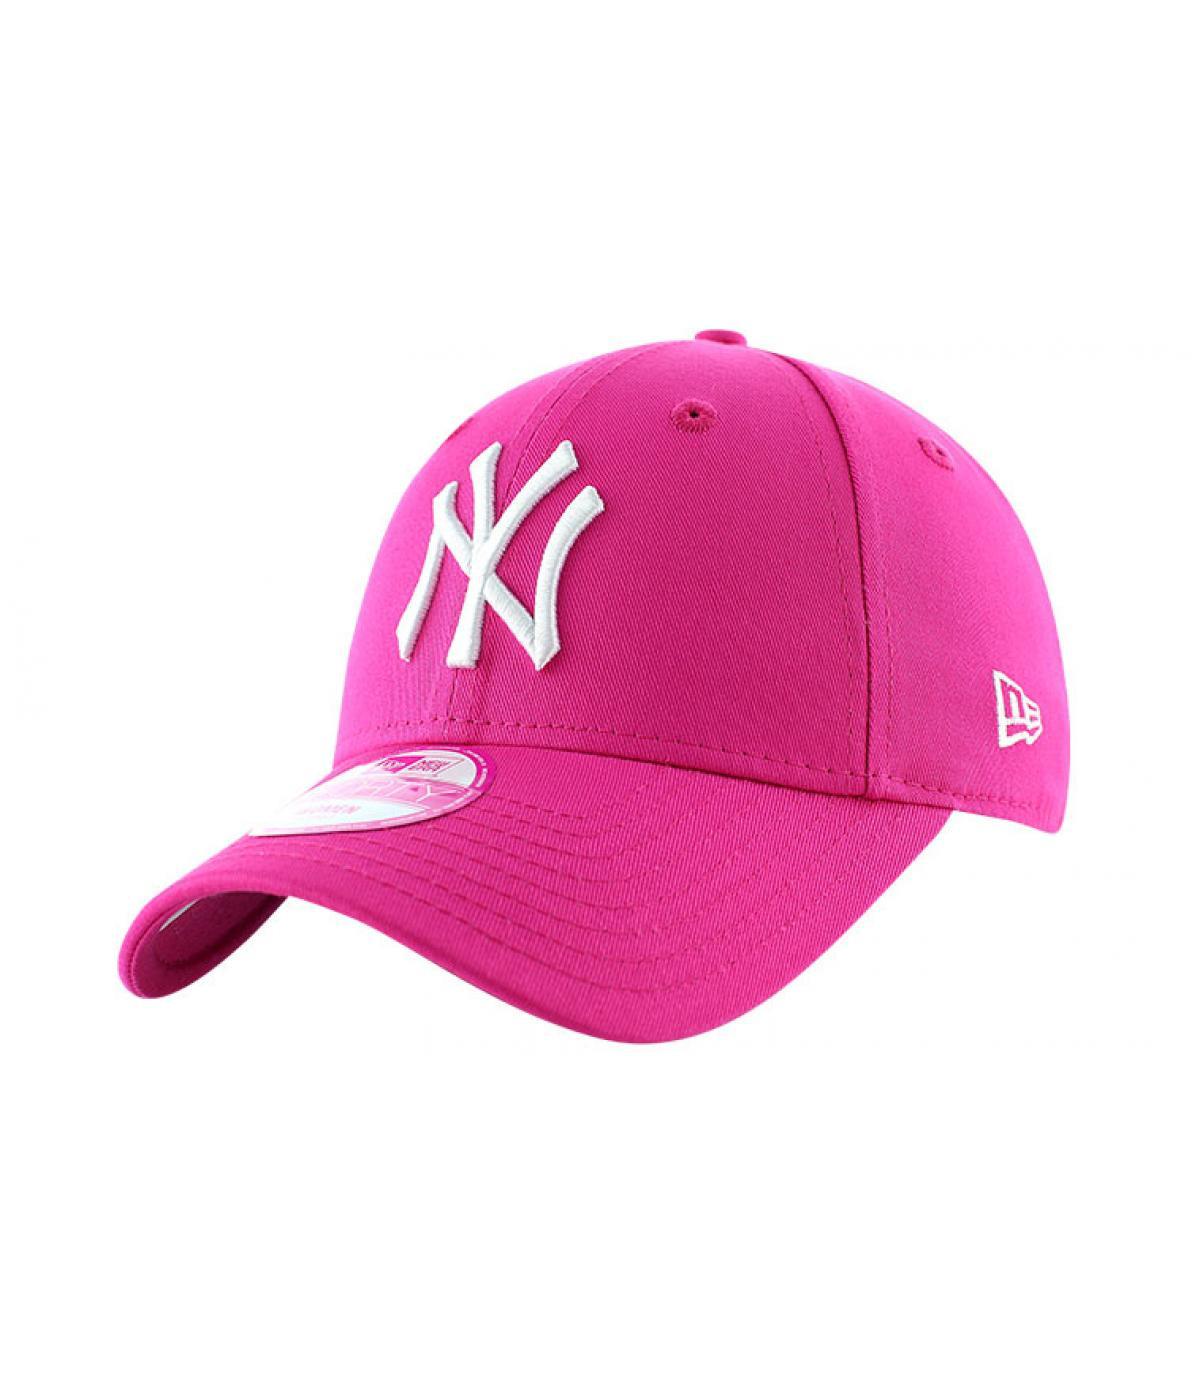 Detalles  NY 9Forty pink imagen 5